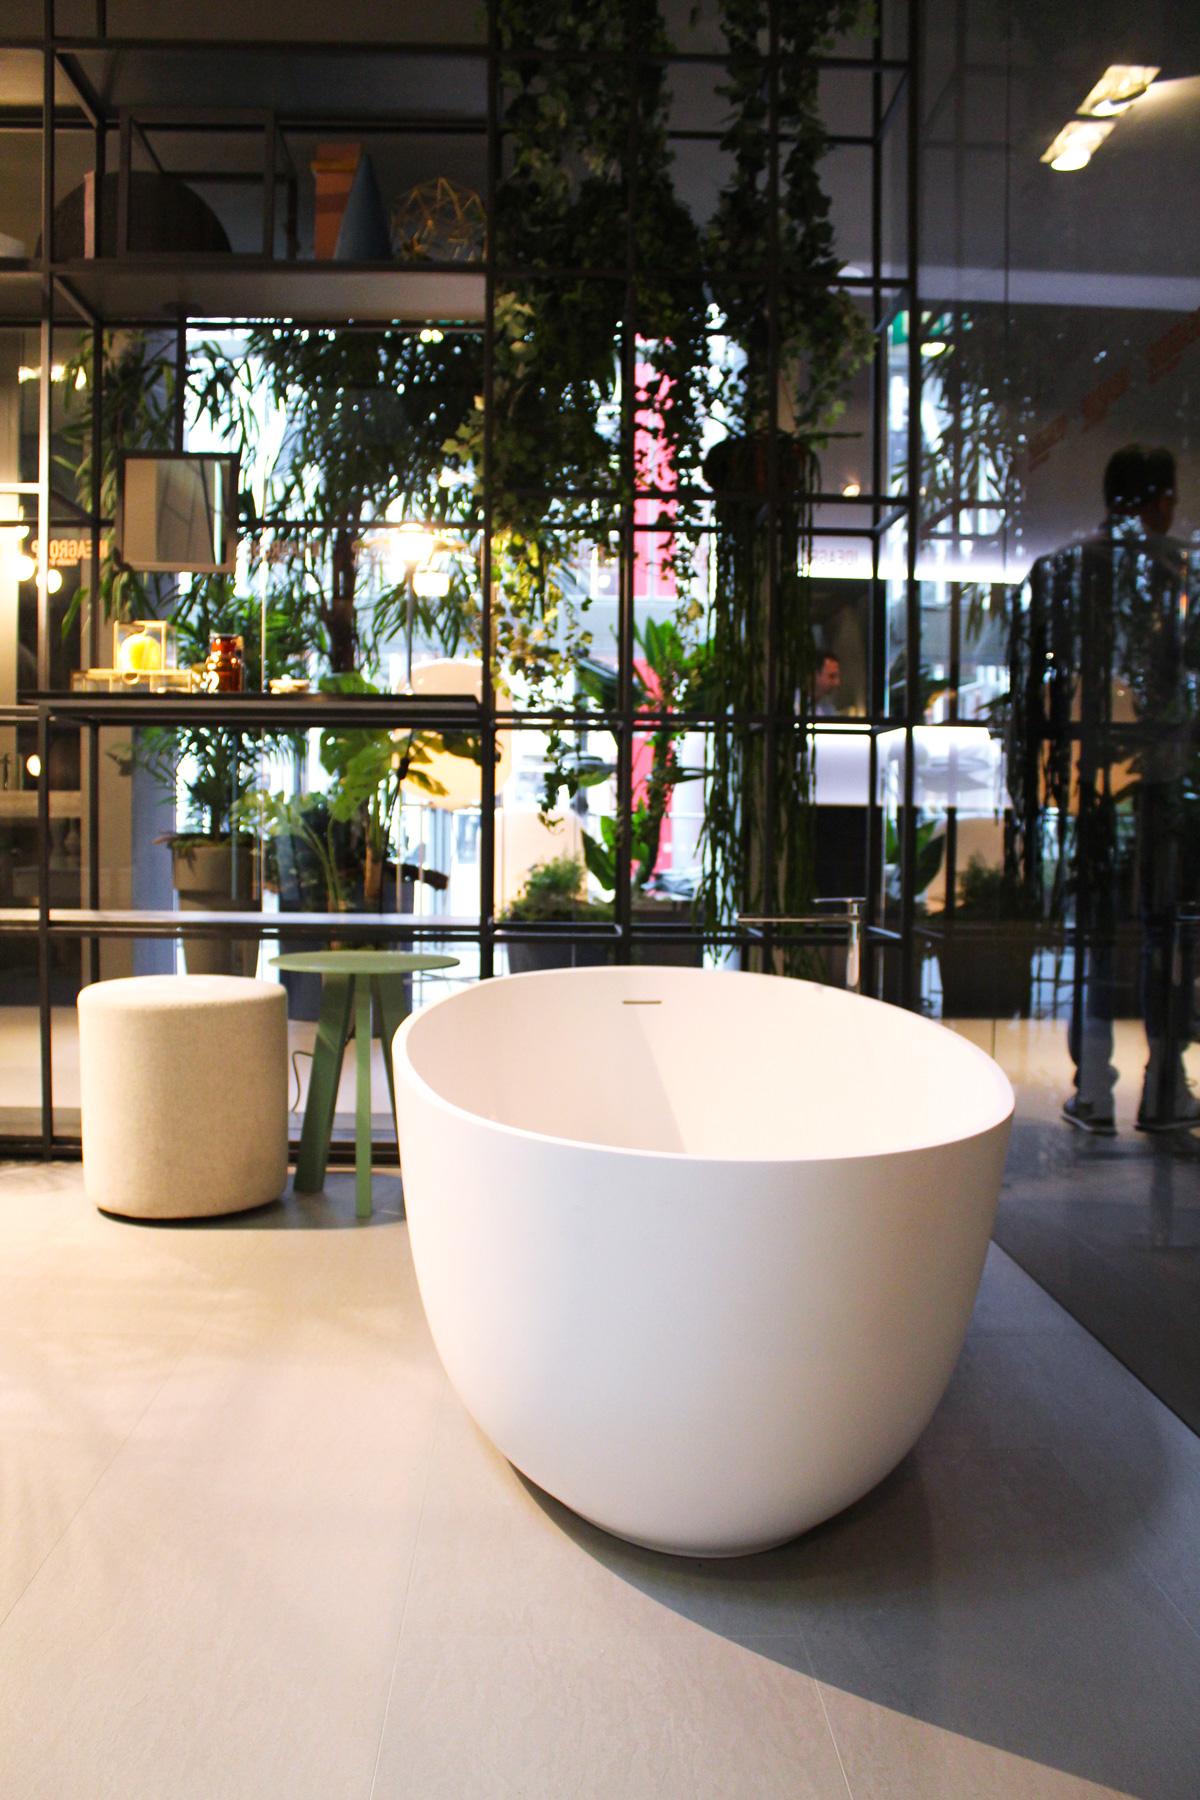 Vivi il bagno ideagroup blog - Bagno rilassante fai da te ...